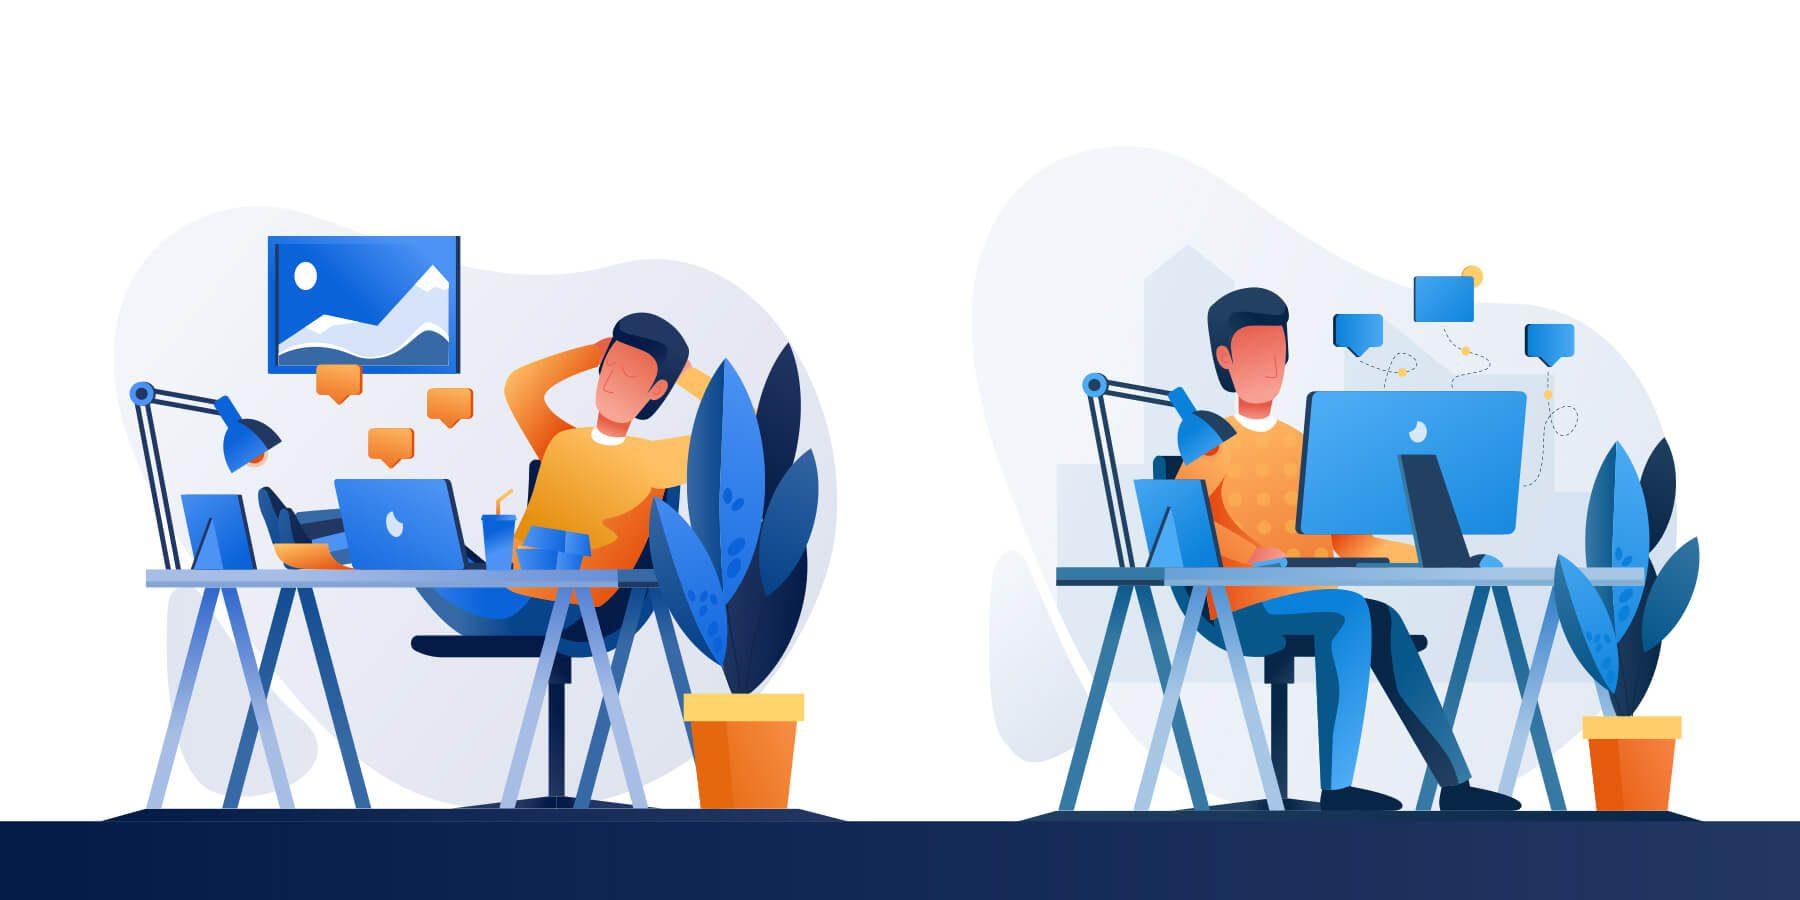 Tại sao bạn giao dịch tốt hơn trên tài khoản demo và nóng để giao dịch tốt hơn trên thực tế?